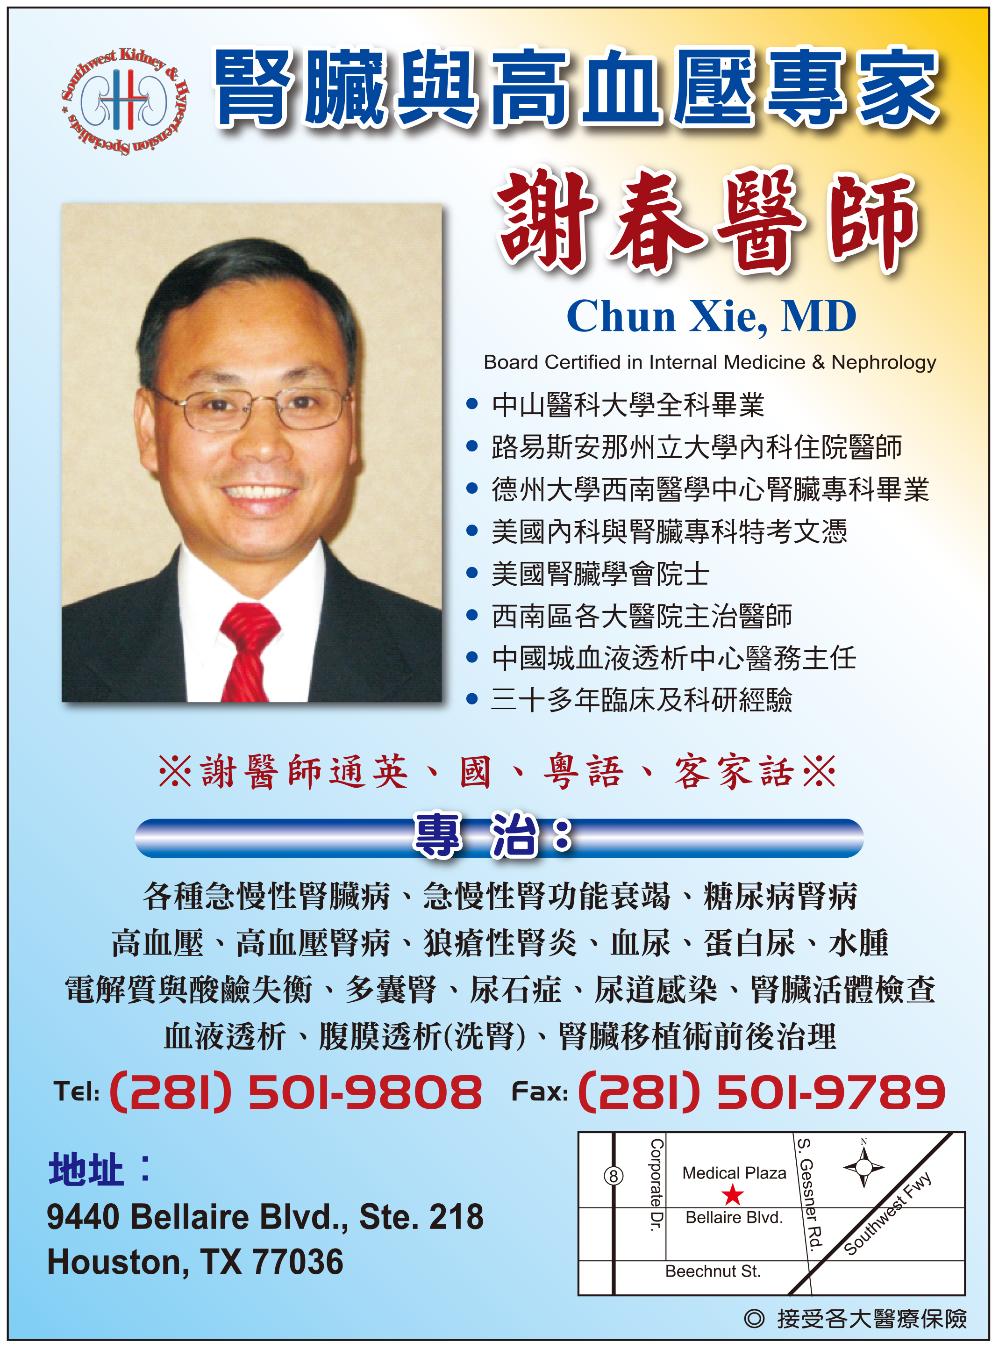 腎臟&高血壓 XIE CHUN  謝春醫生